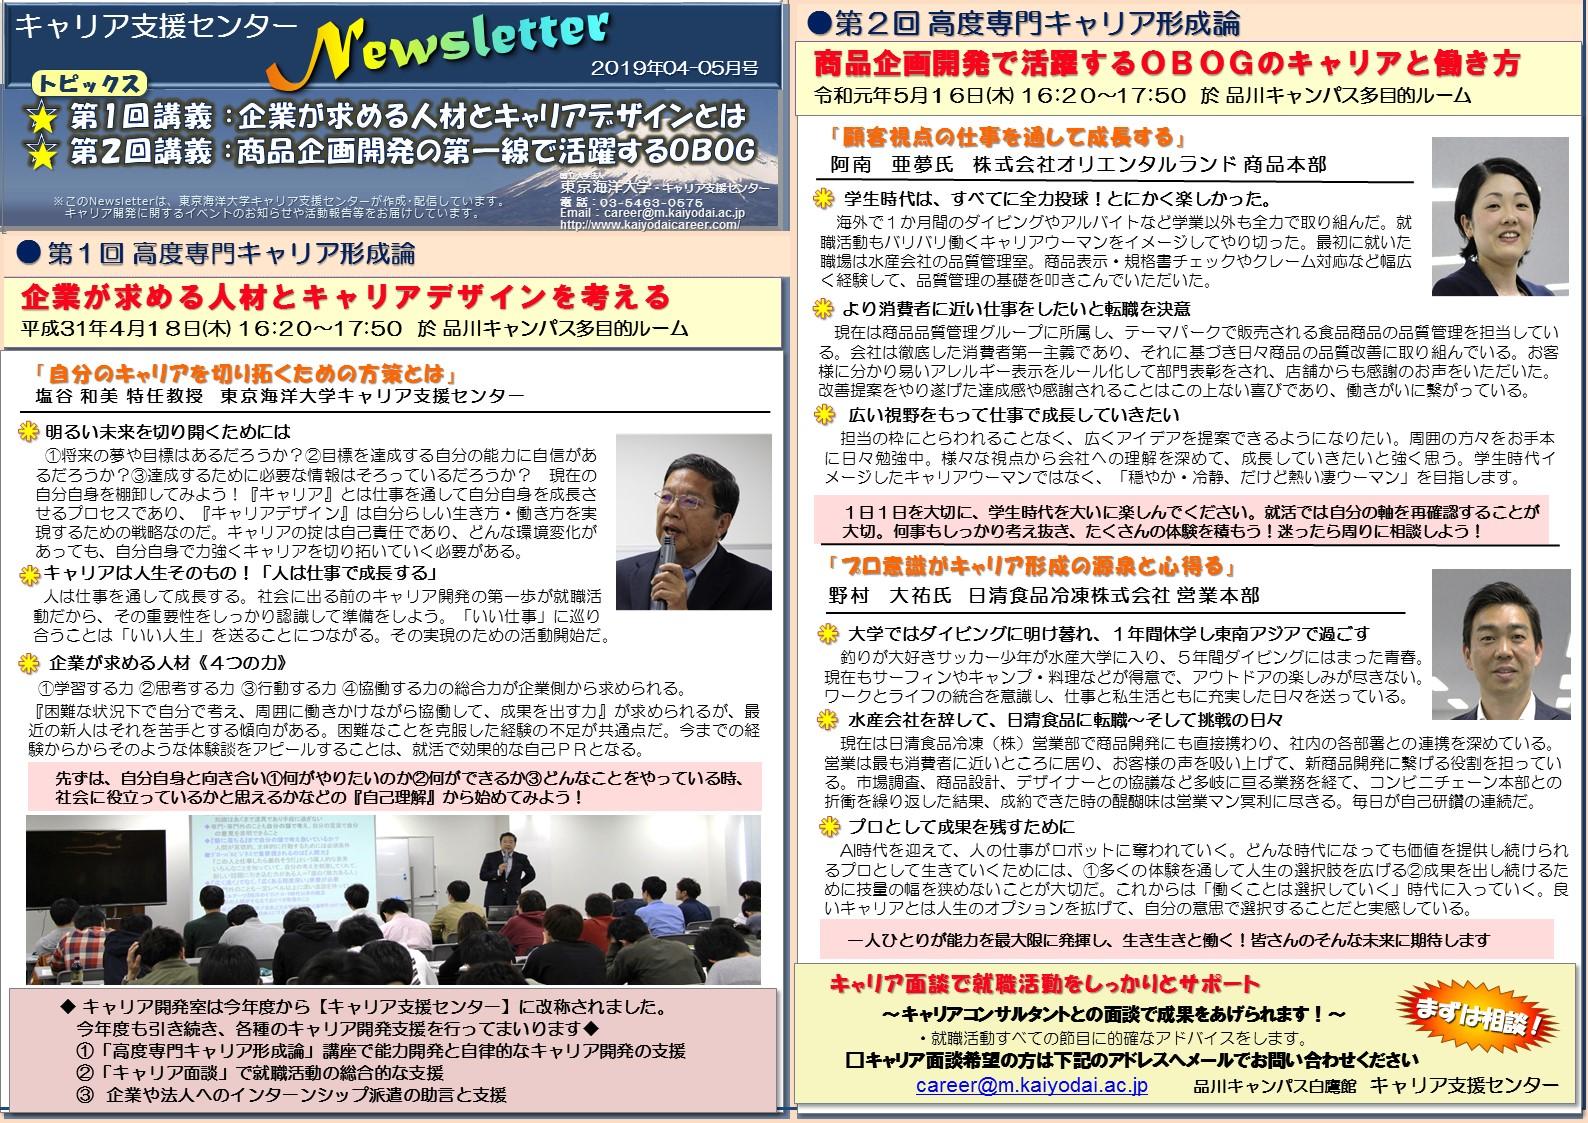 https://www3.kaiyodai.ac.jp/career/img/Newsletter_20190606.jpg